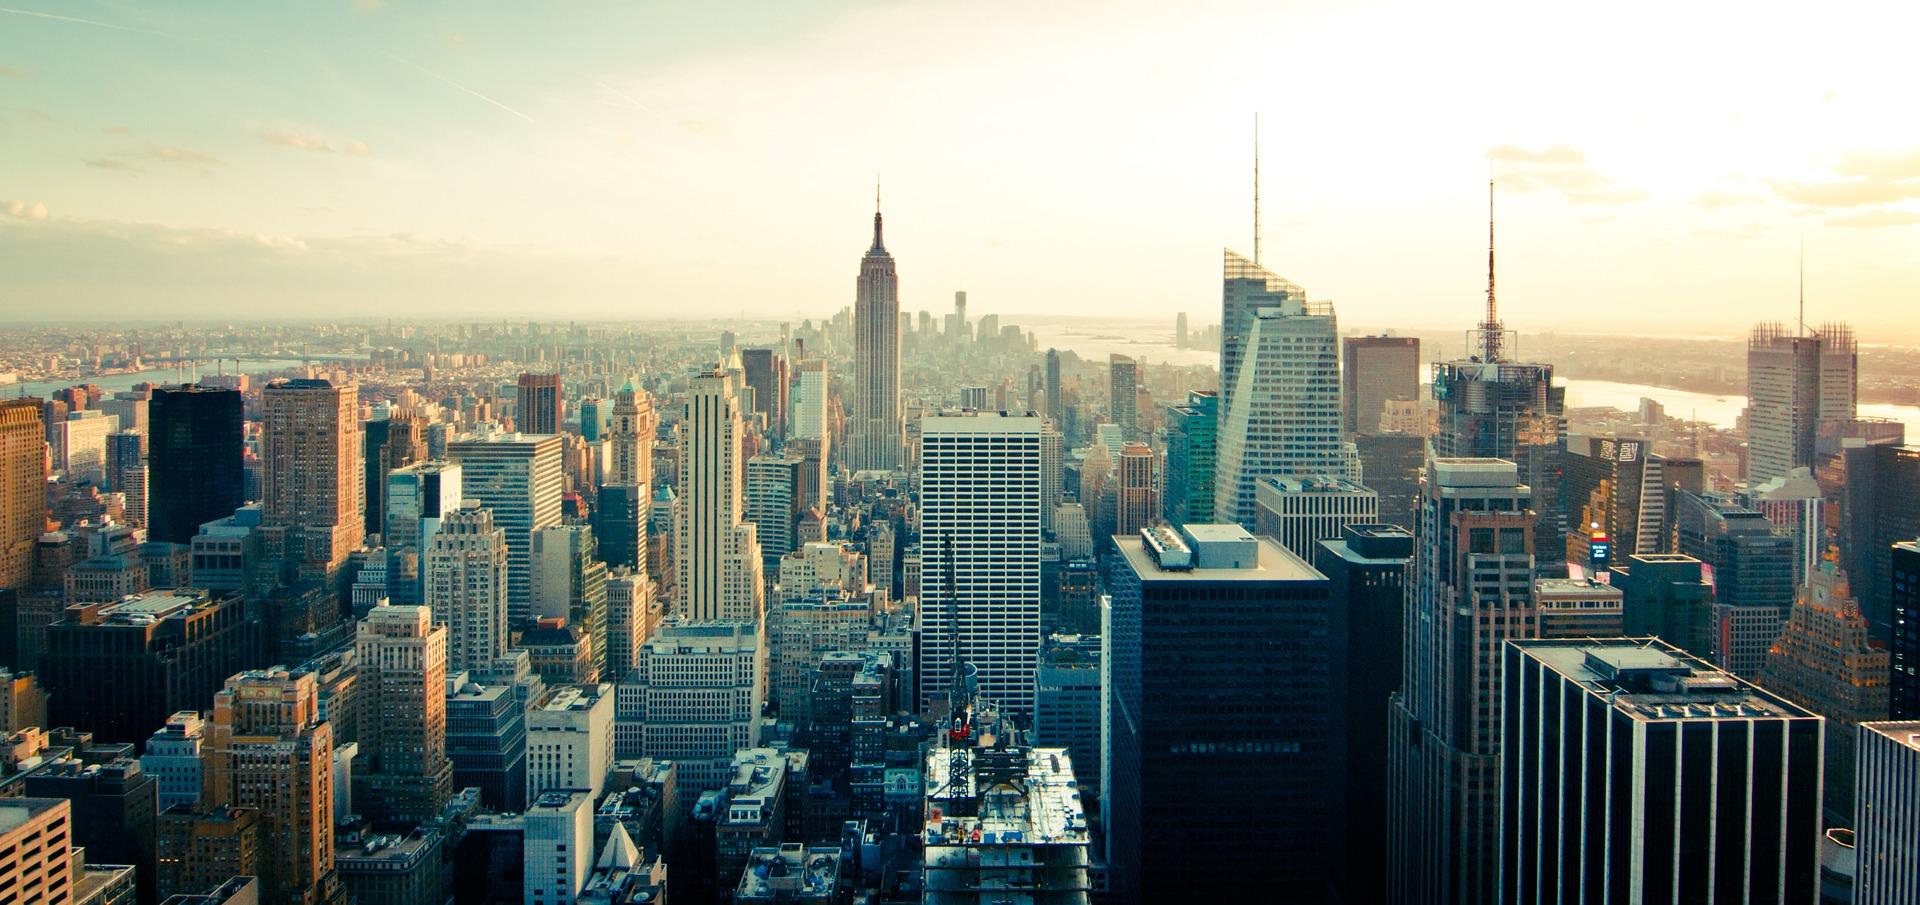 Una panorámica de Manhattan, en la ciudad de Nueva York. Imagen: Pixabay / CSIC